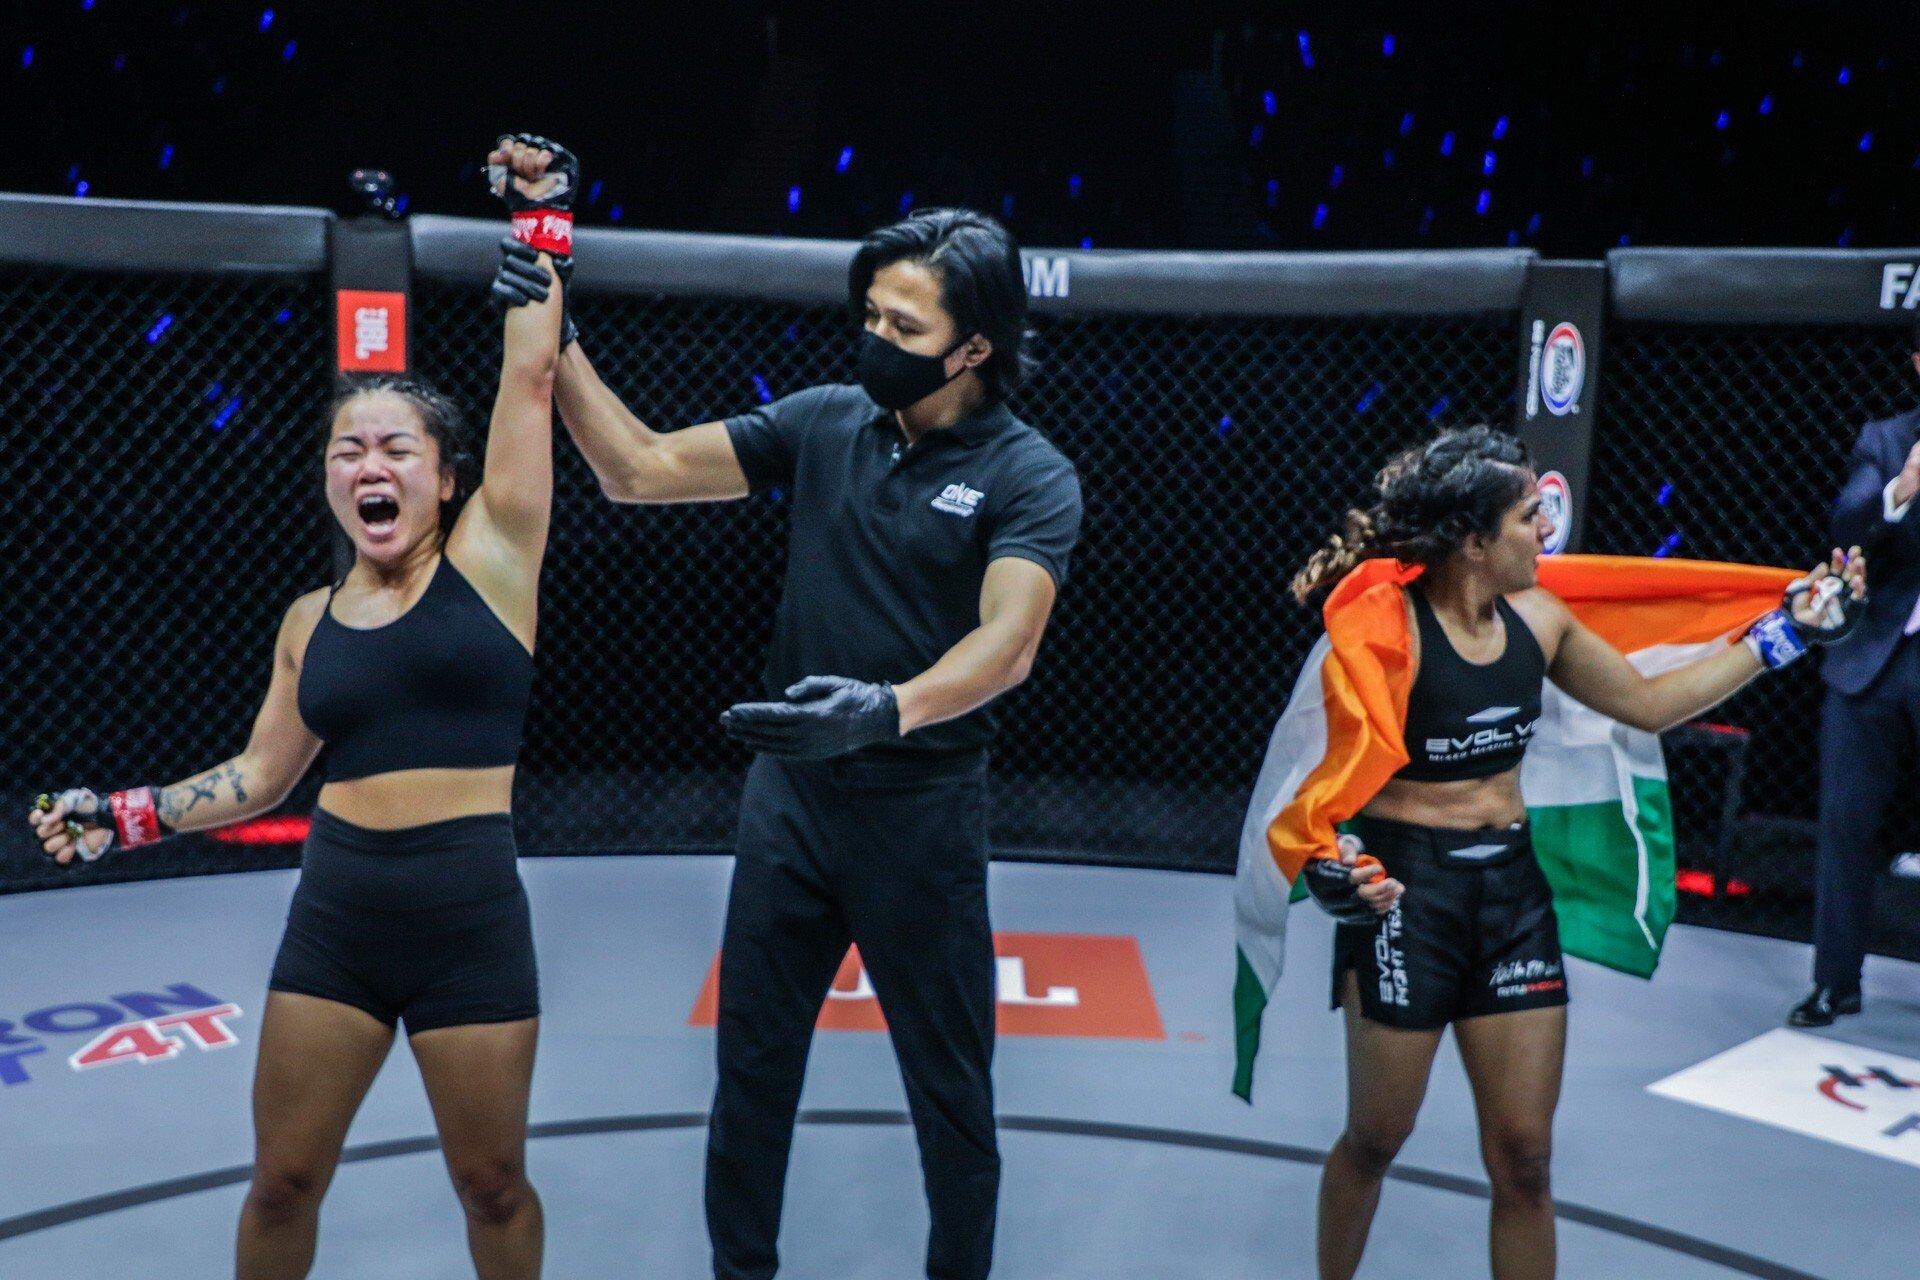 Phogat lost by split decision against Bi Nguyen